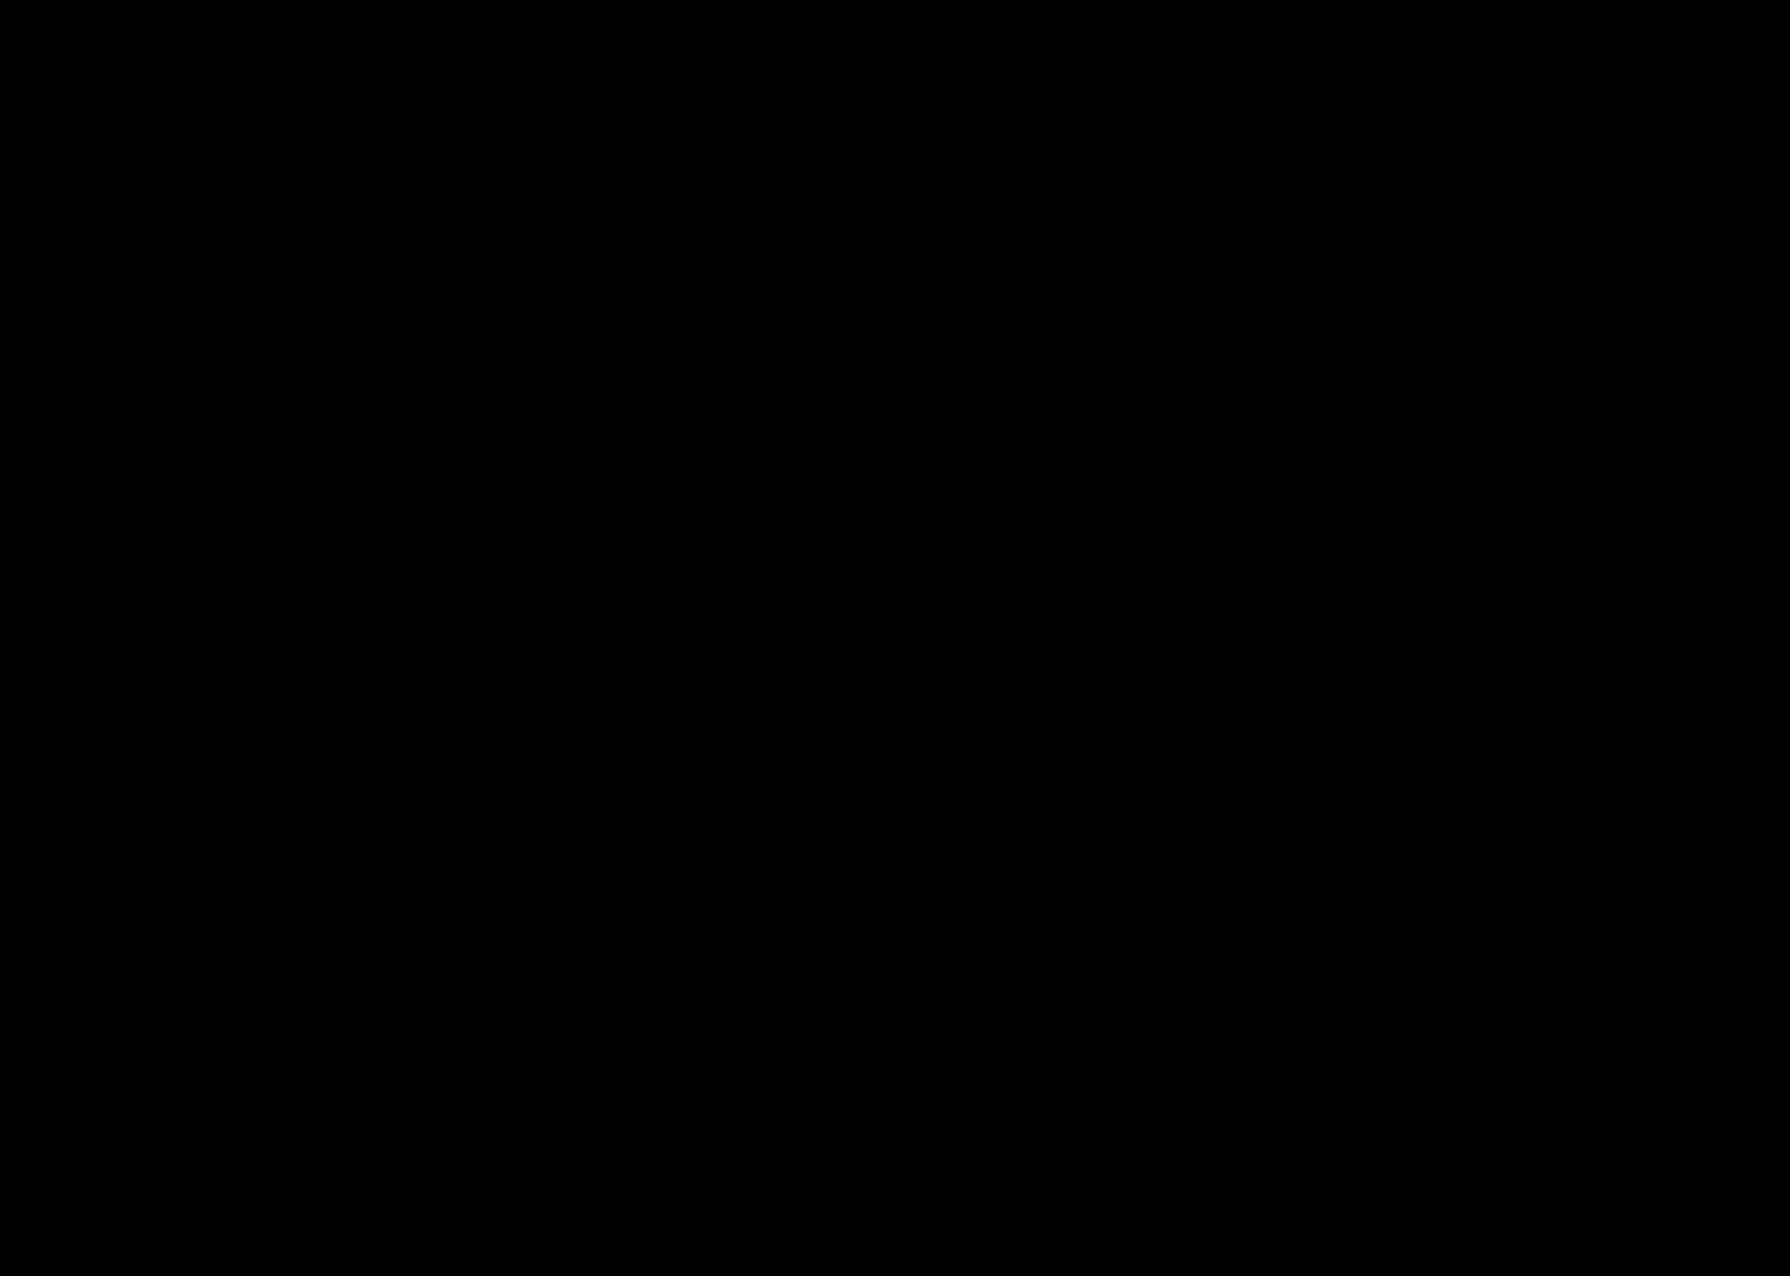 NCW 2018 door sign